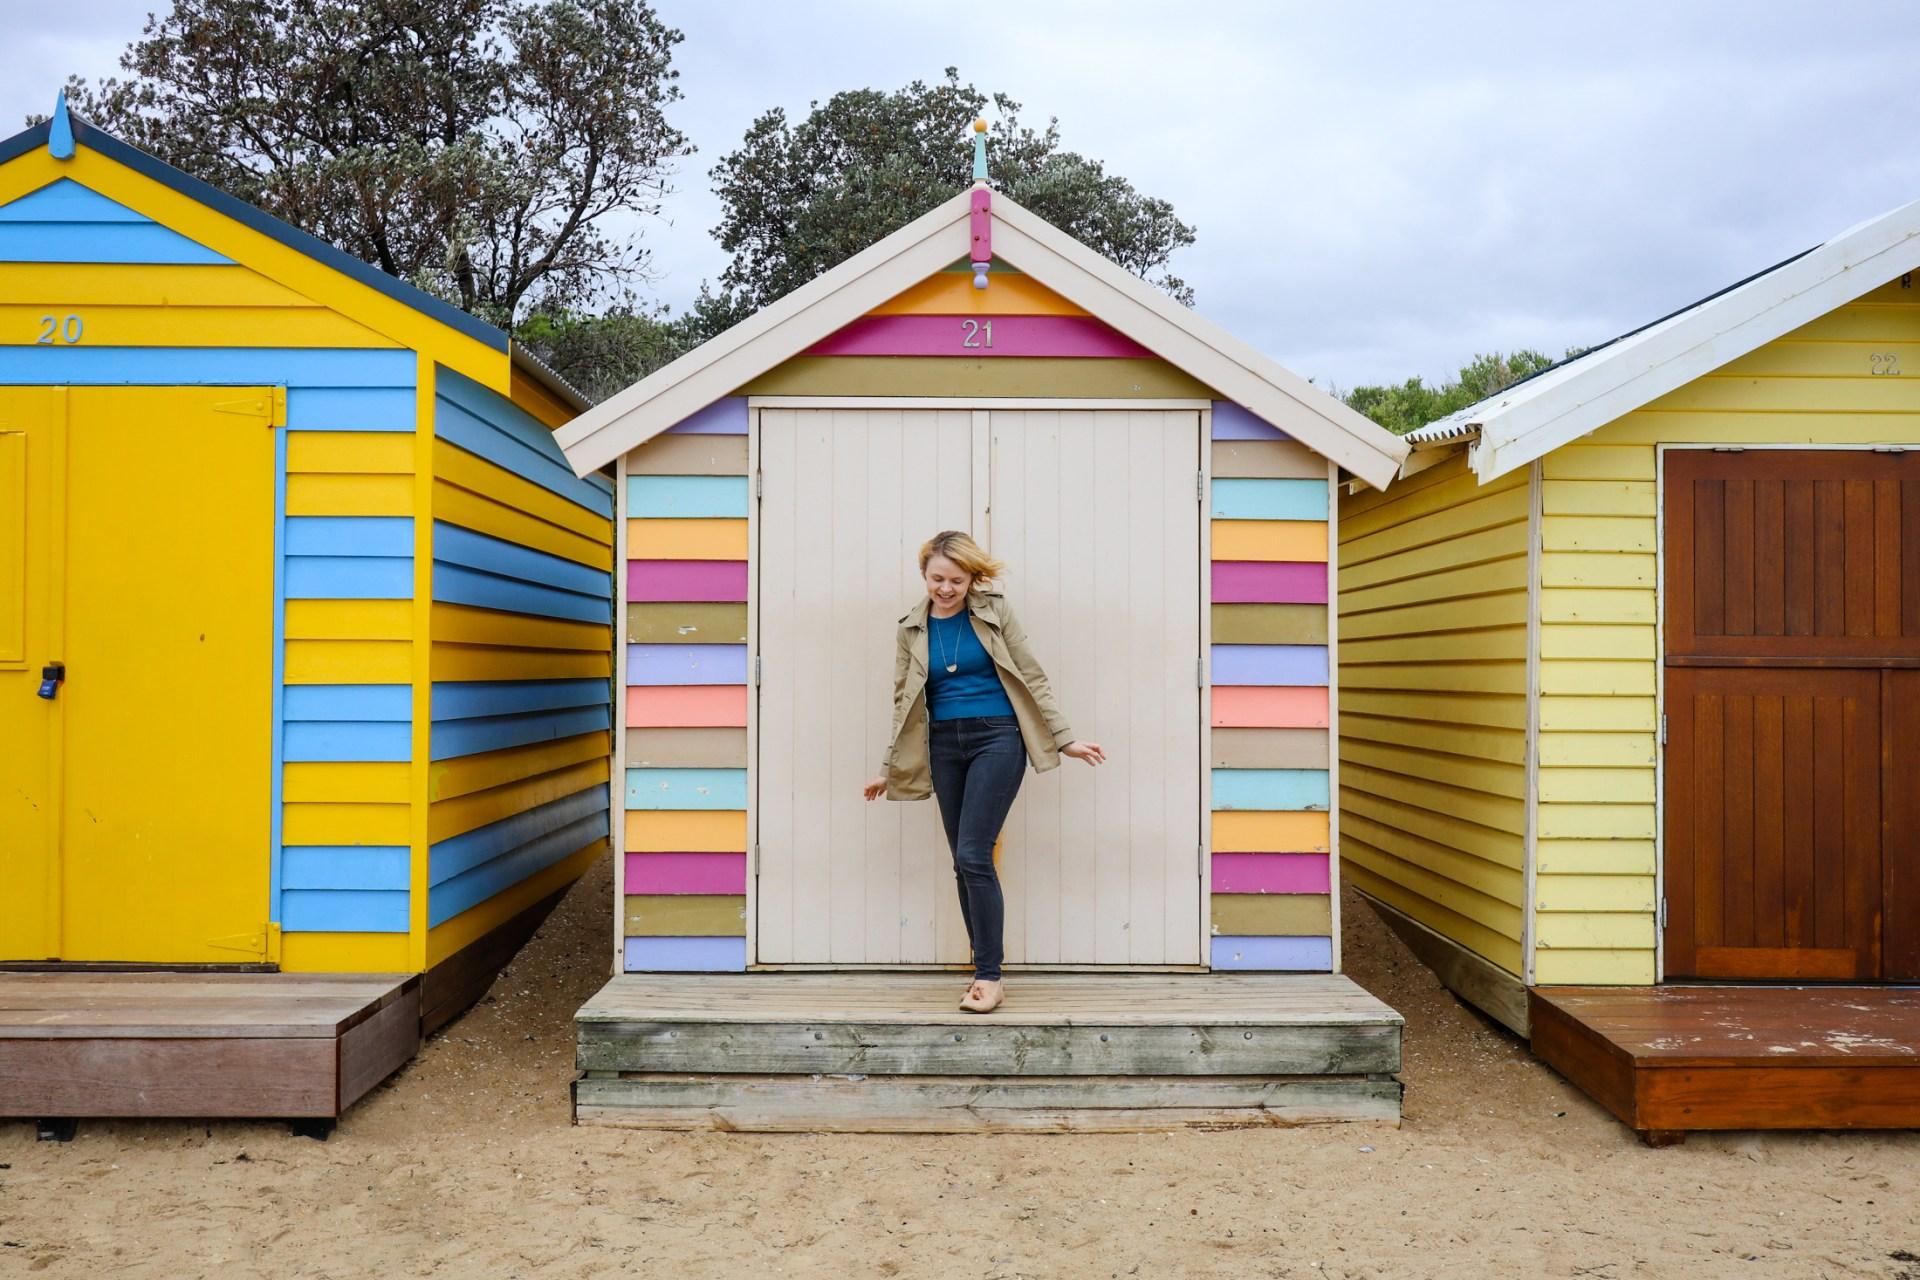 The Brighton Bathing Boxes in Melbourne, Australia